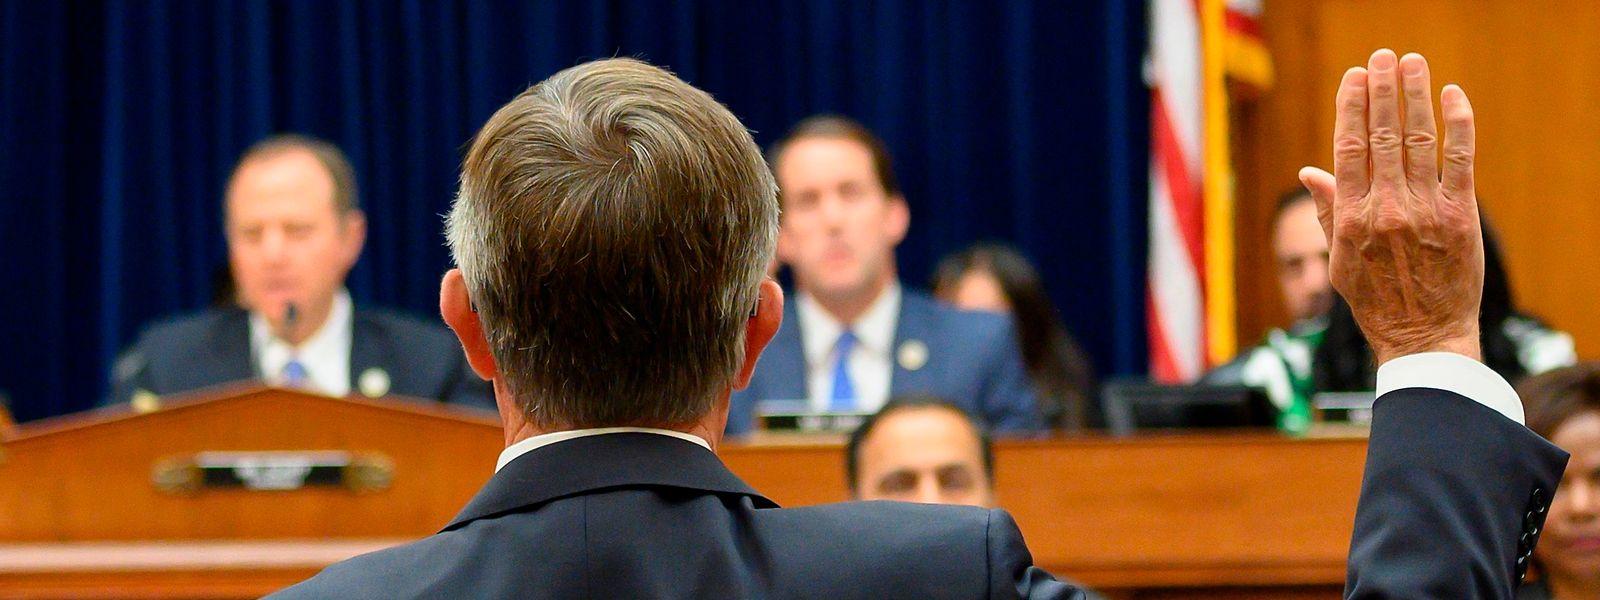 Vor dem Geheimdienstausschuss des Repräsentantenhauses wurde am Donnerstag der geschäftsführende US-Geheimdienstkoordinator Joseph Maguire gehört.